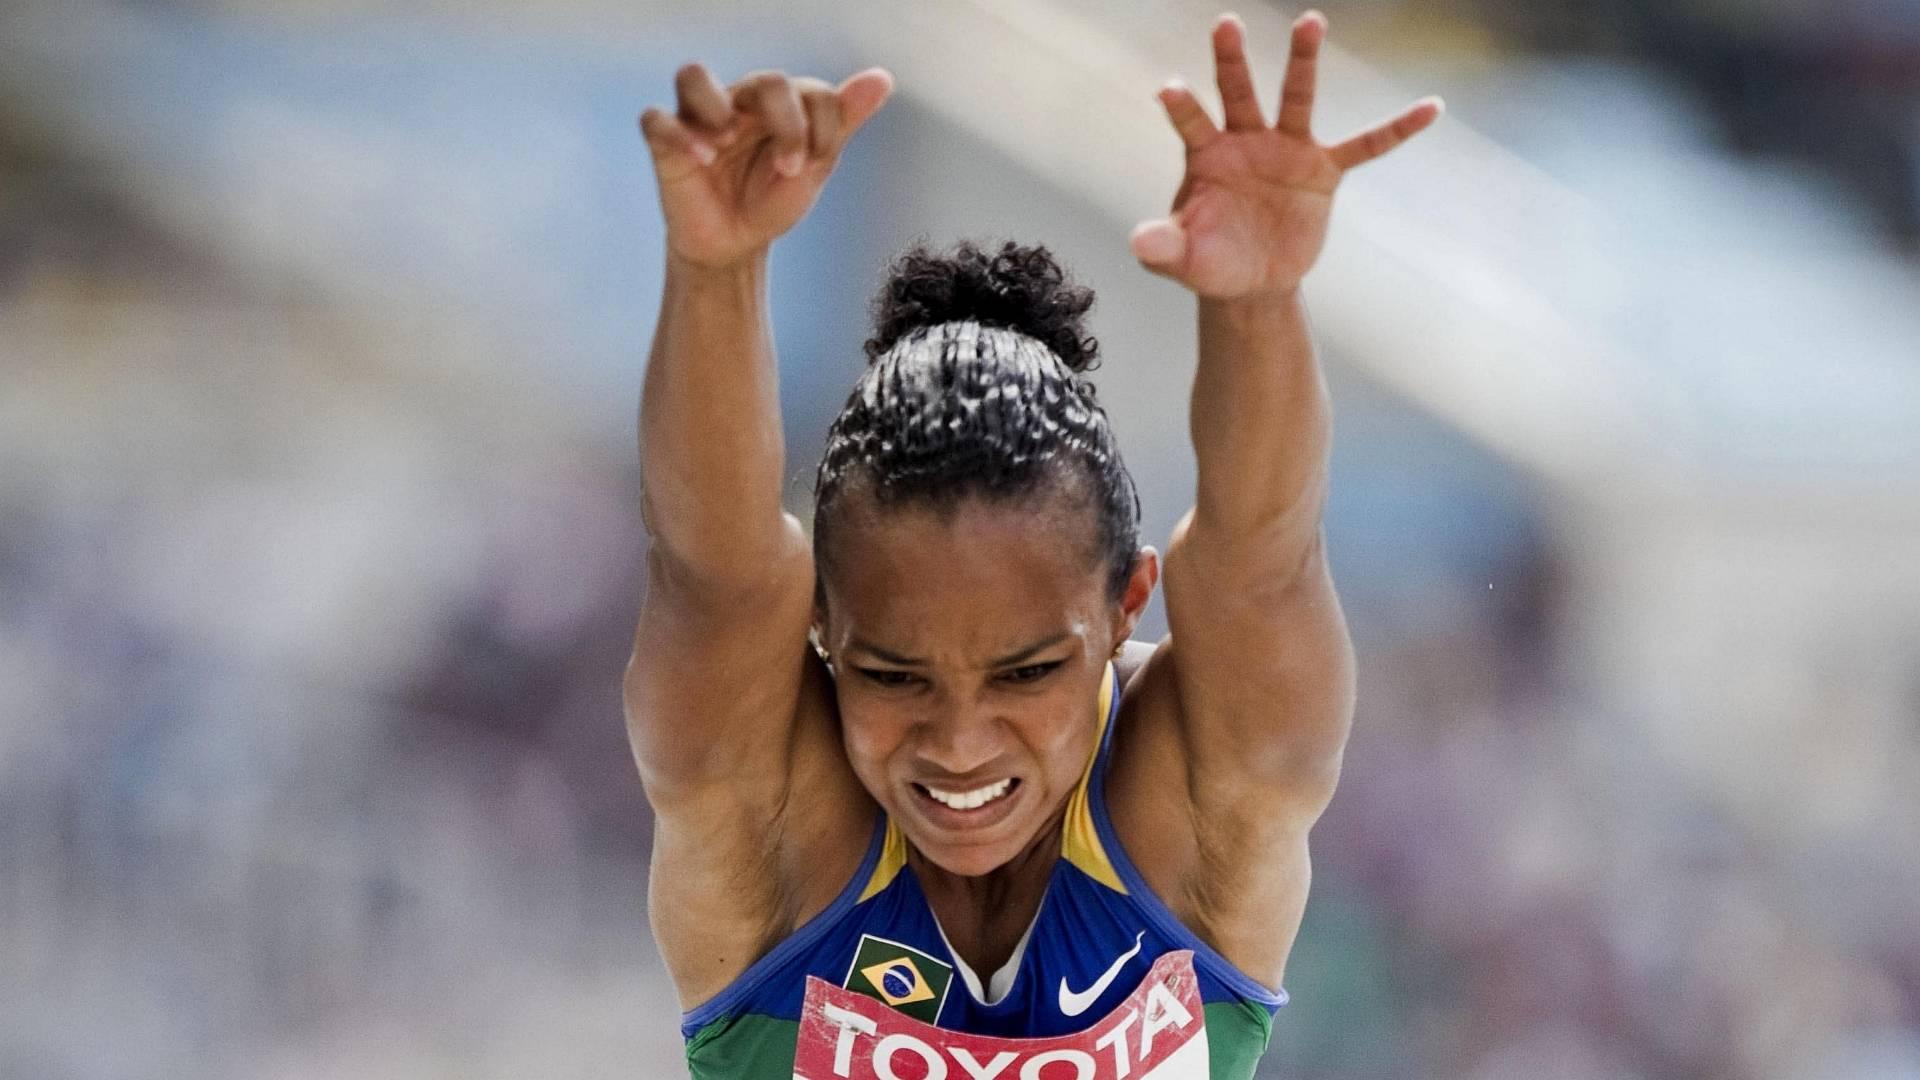 Keila Costa participa da prova de salto triplo no Mundial de atletismo em Daegu (30/08/2011)